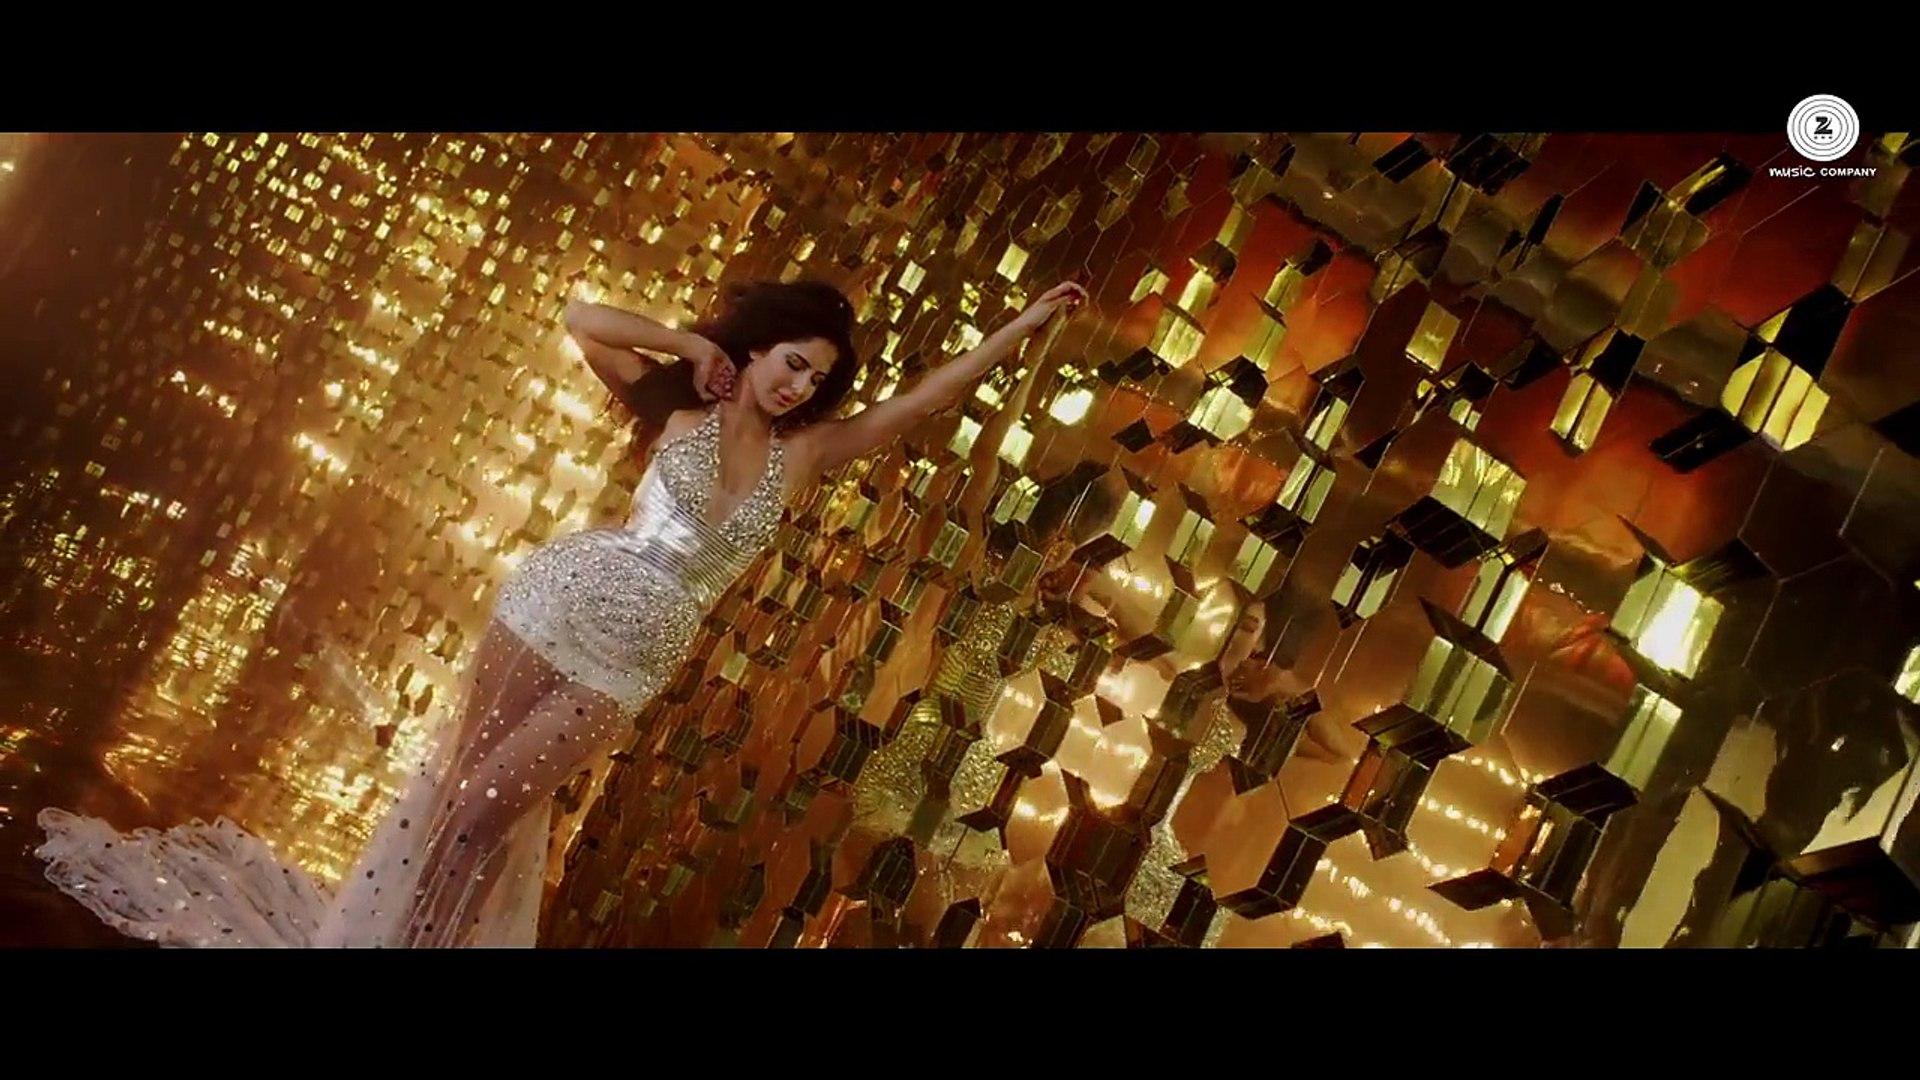 Bang Bang HD Title Song Video - Bang Bang 2014 - Hrithik Roshan - Katrina Kaif - HD